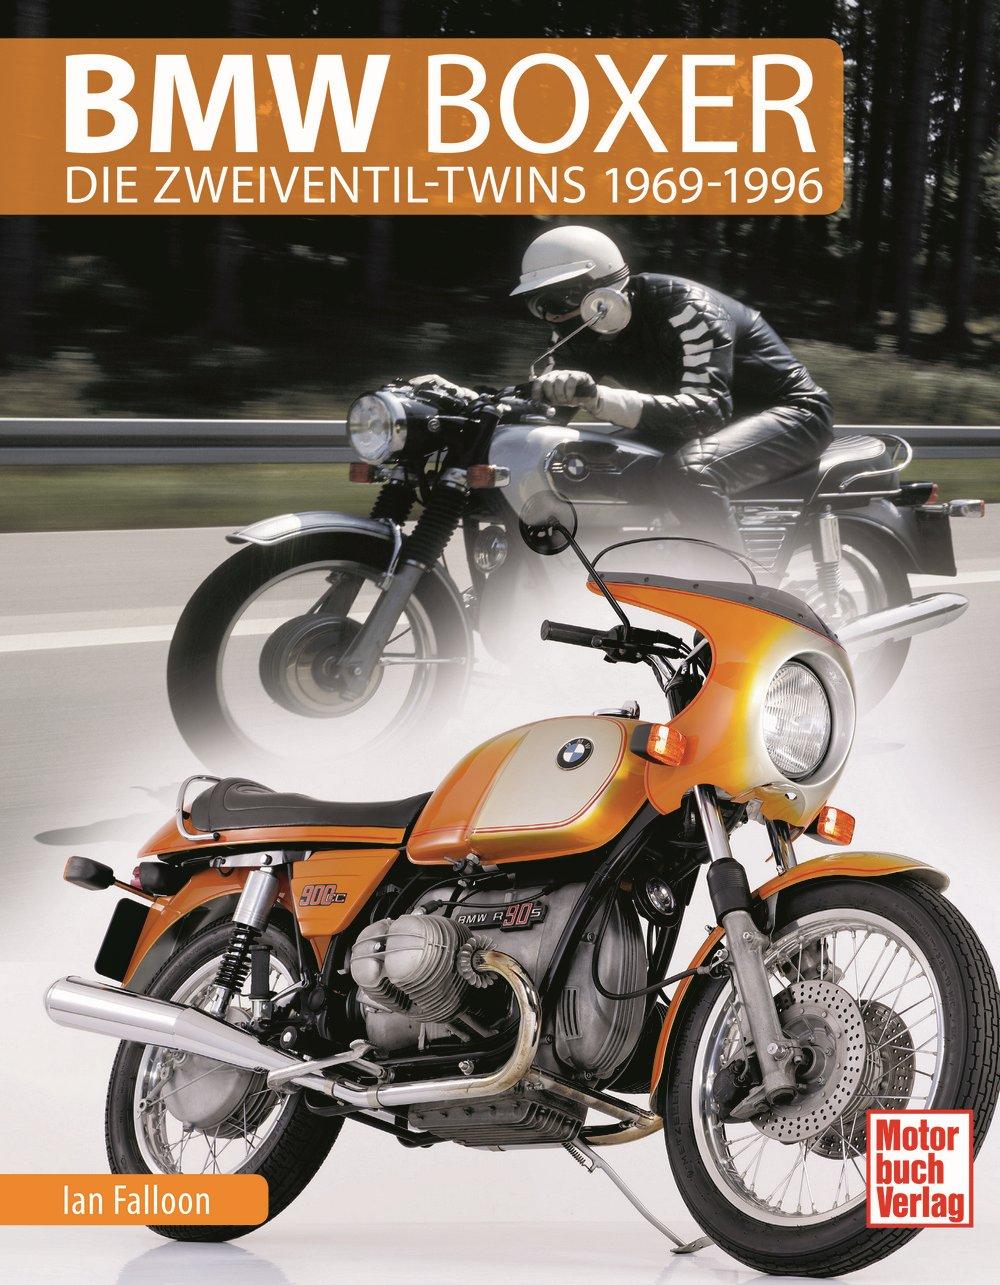 Boek: BMW Boxer - Die Zweiventil-Twins 1969-1996